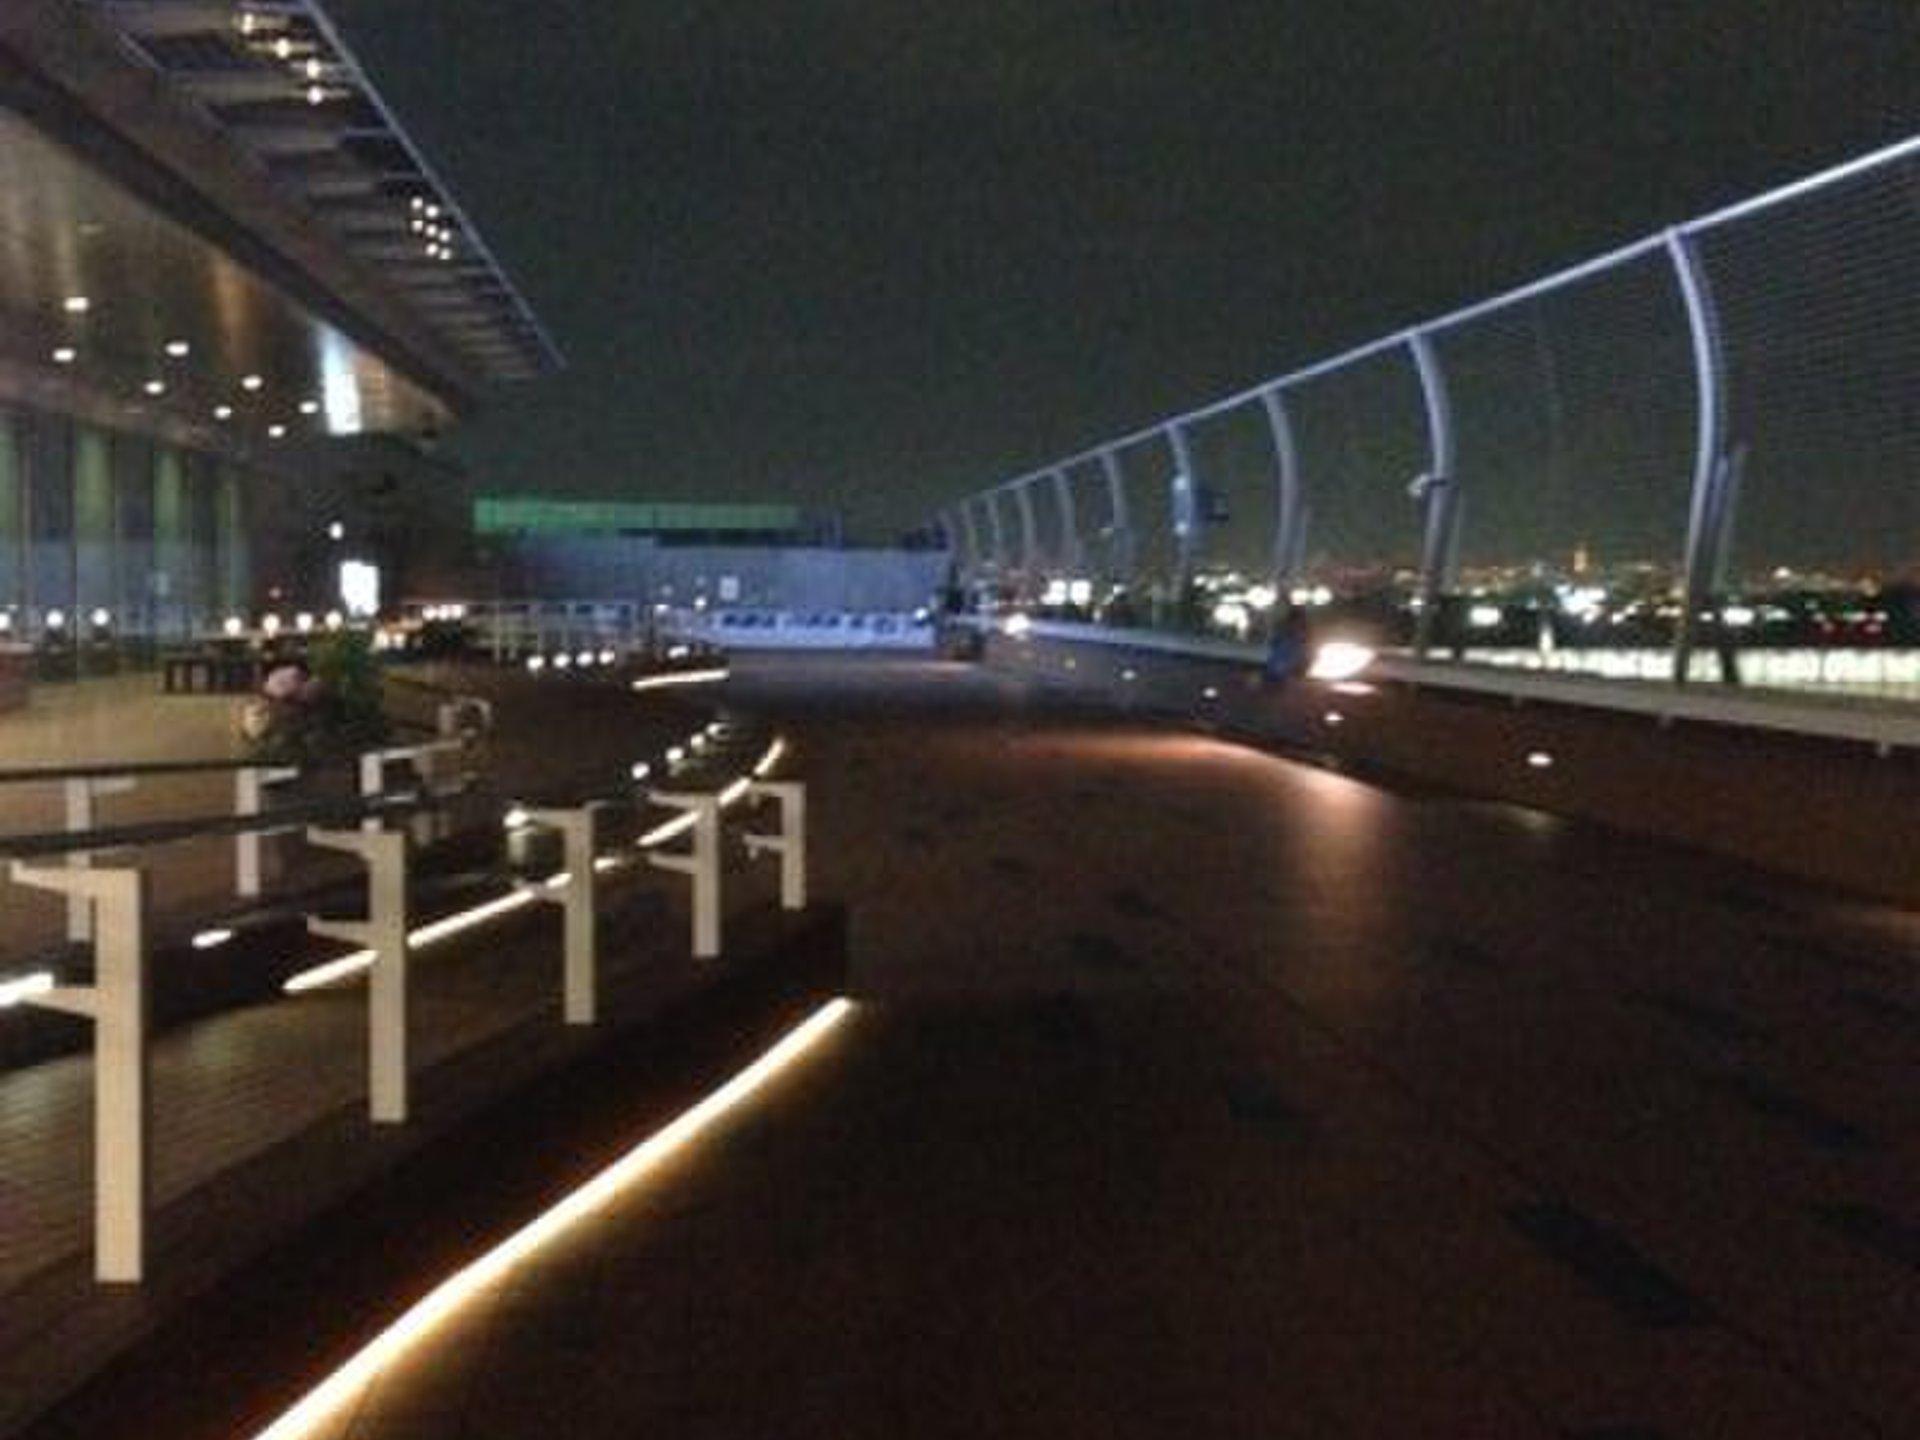 【羽田空港で夜景イルミネーションデート】クリスマスデートにおすすめスポット!